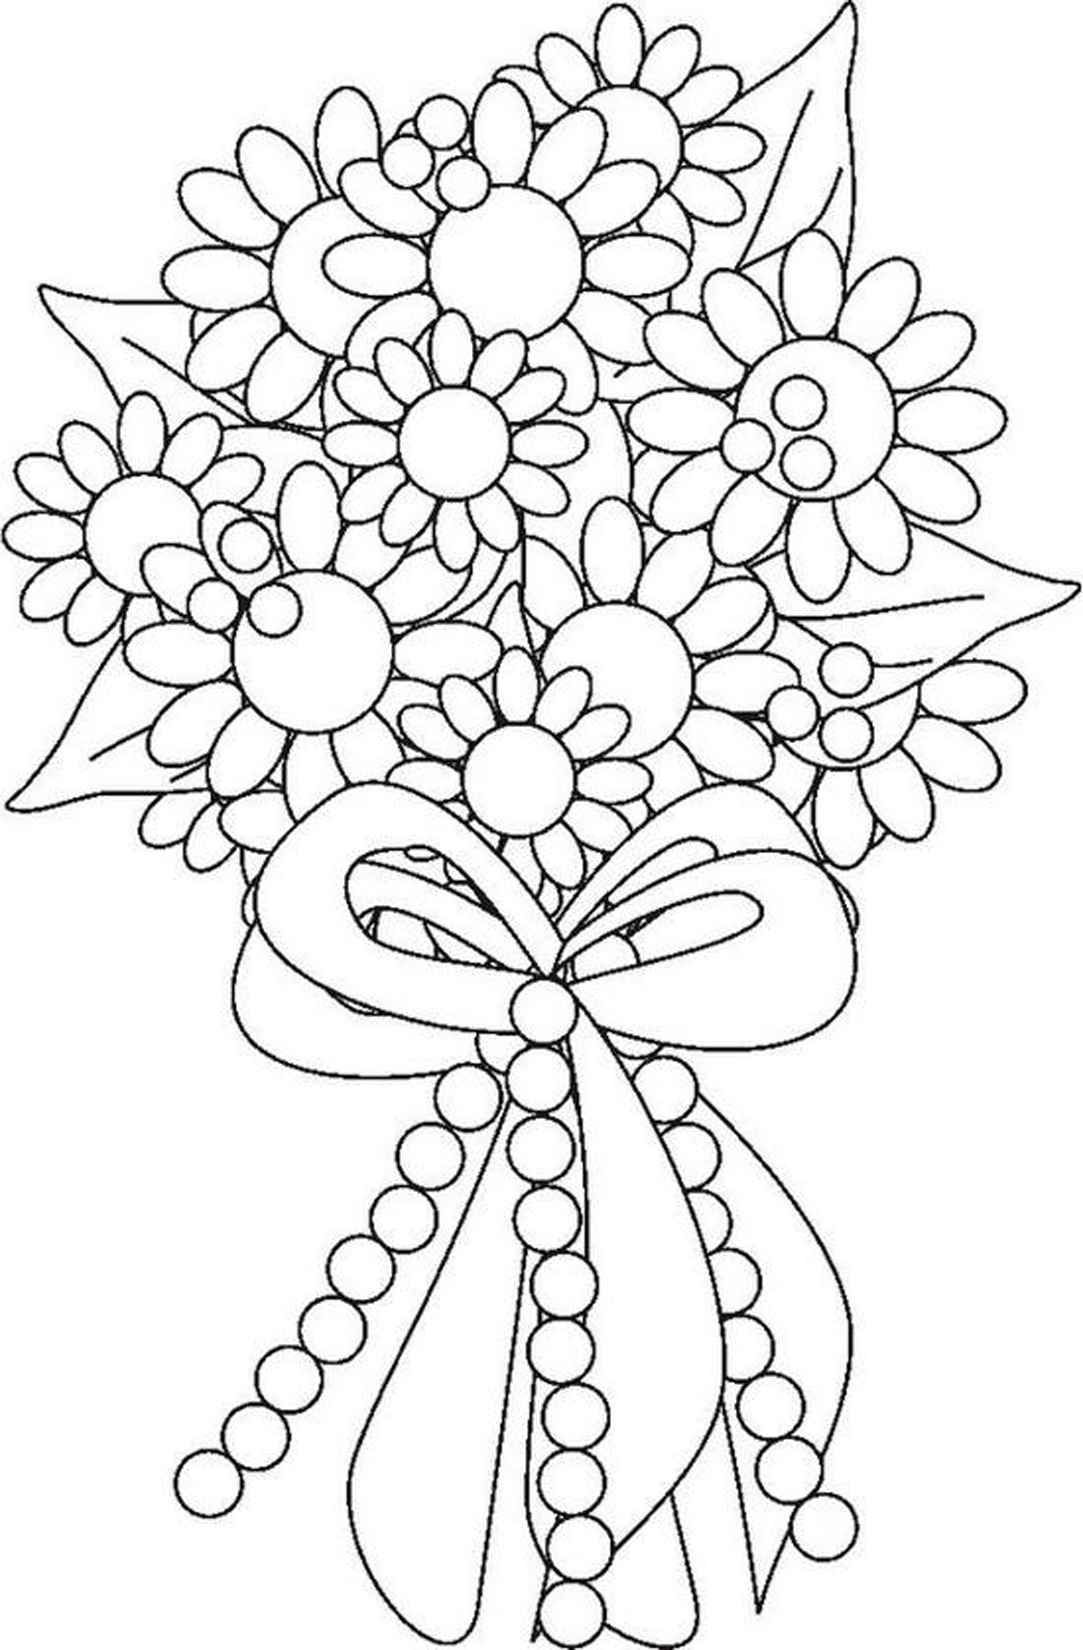 Bouquet de fleurs : Coloriage fleur à imprimer et colorier